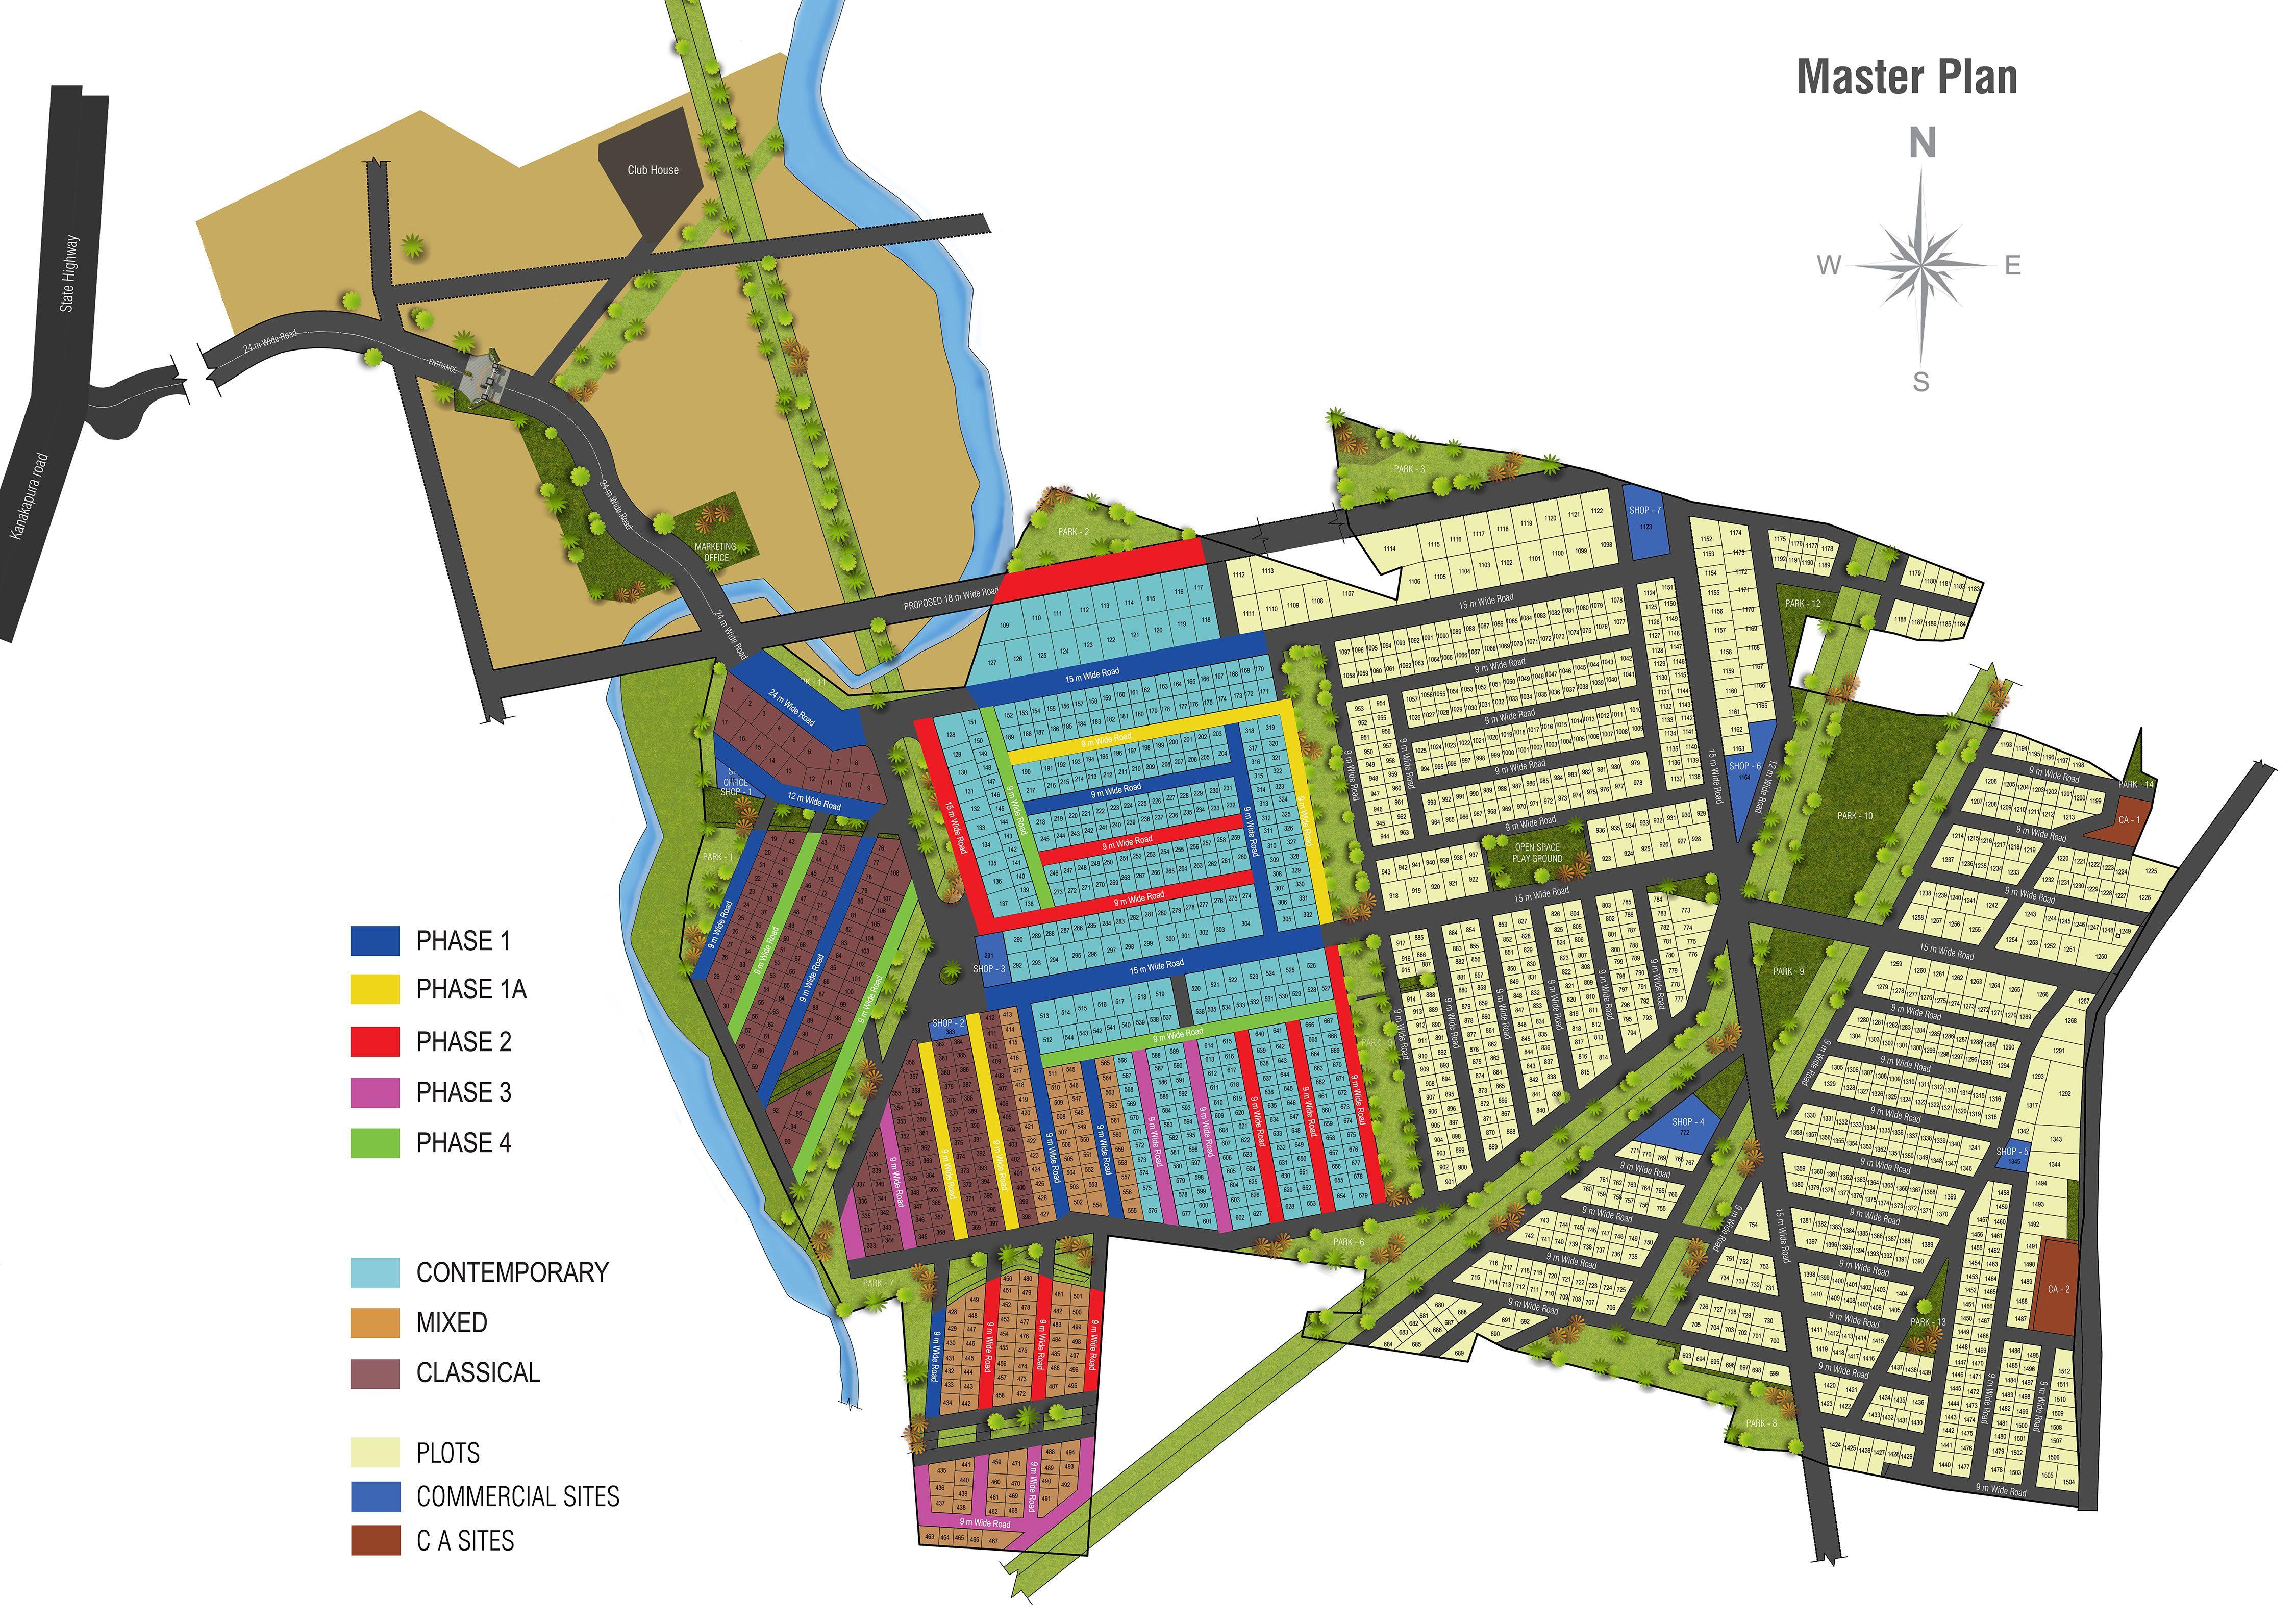 Concorde Napa Valley Villas Layout Plan www.bangalore5.com ...